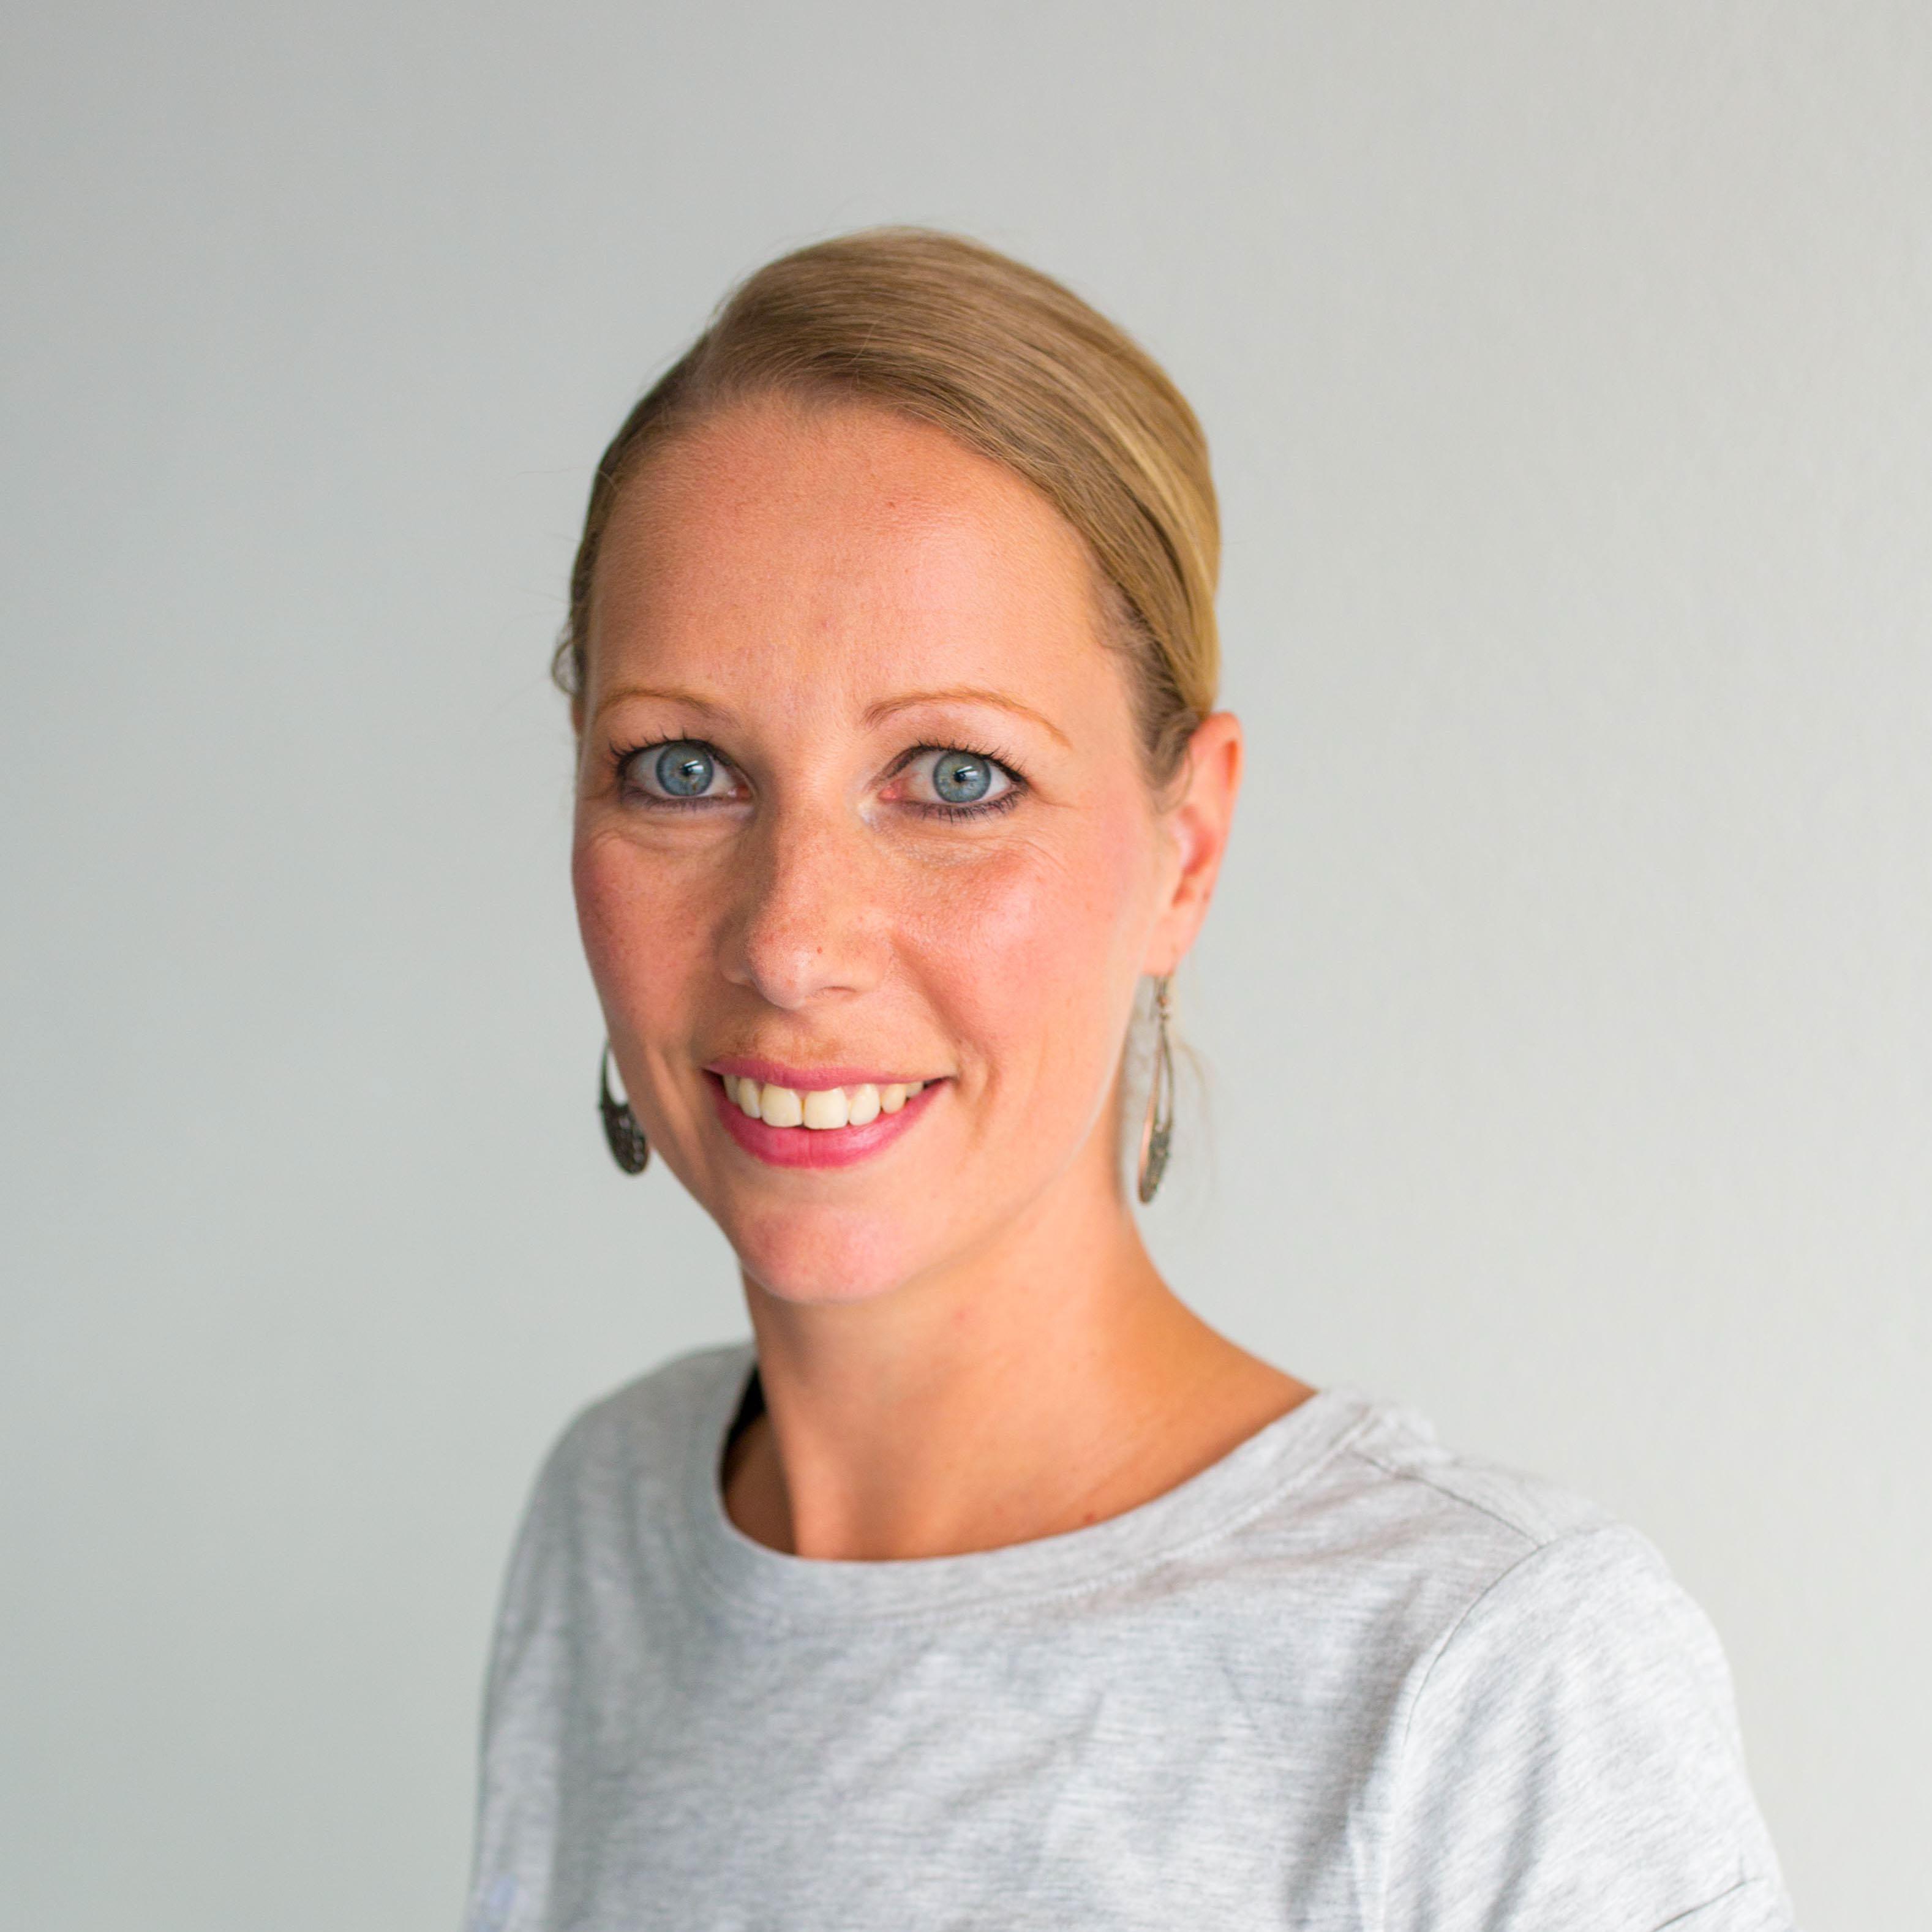 Natascha van Asperen